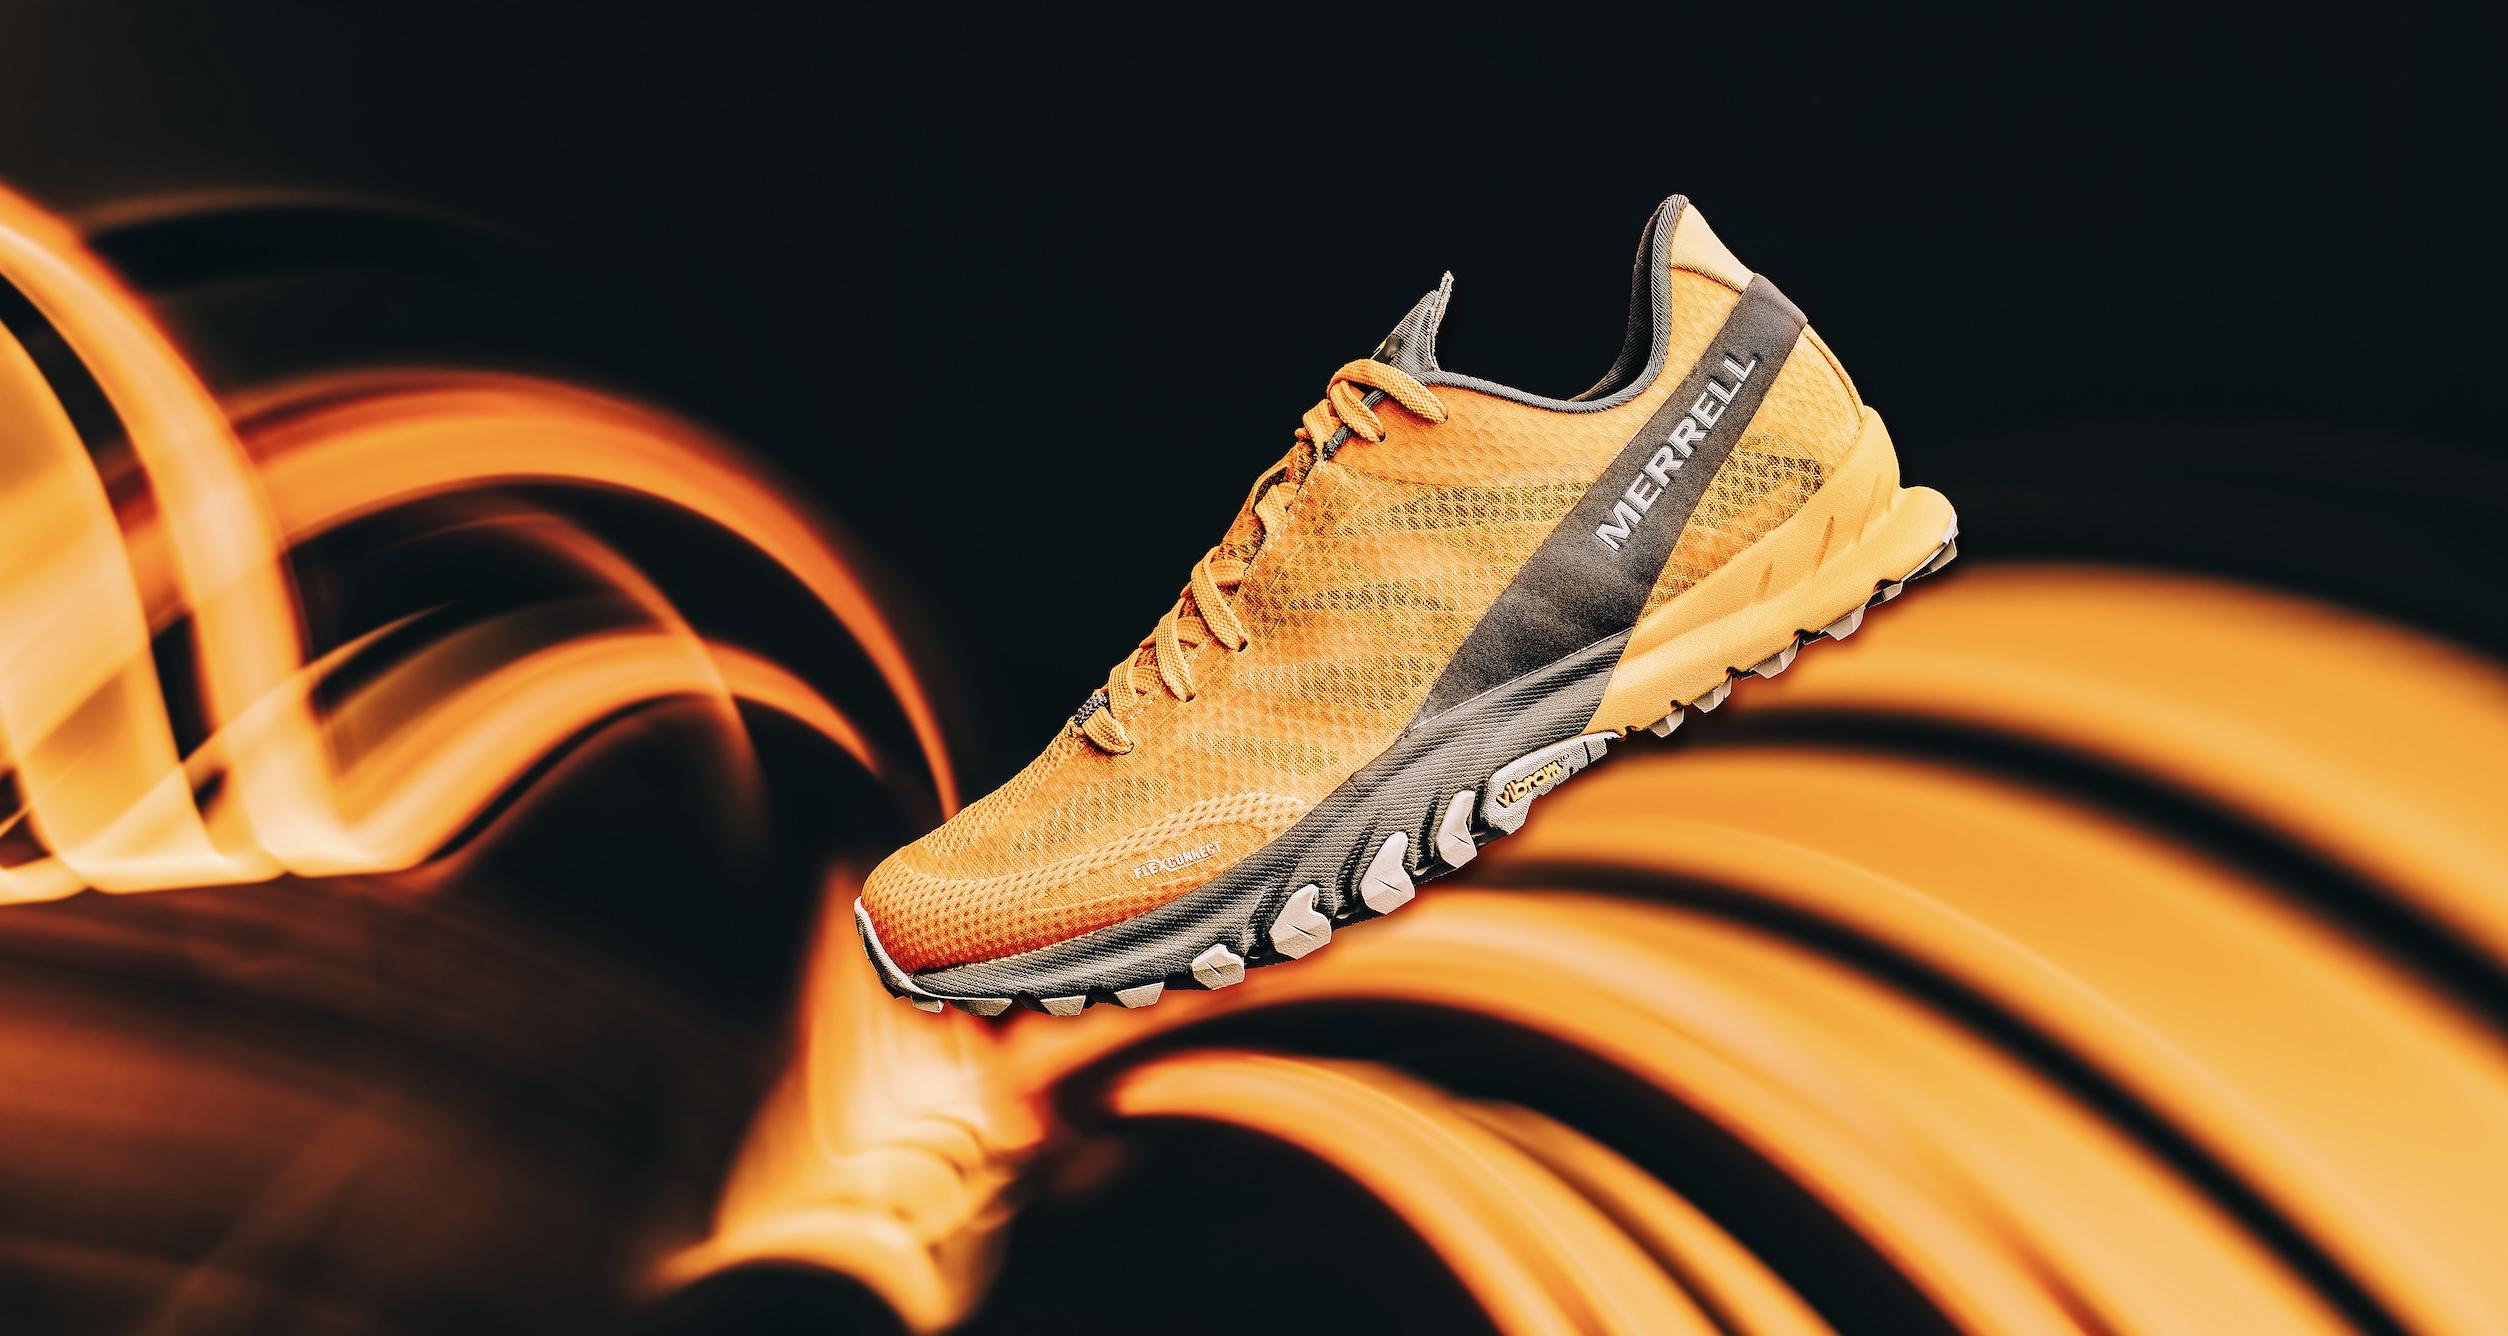 MTL Cirrus Skyrunning shoe from Merrell